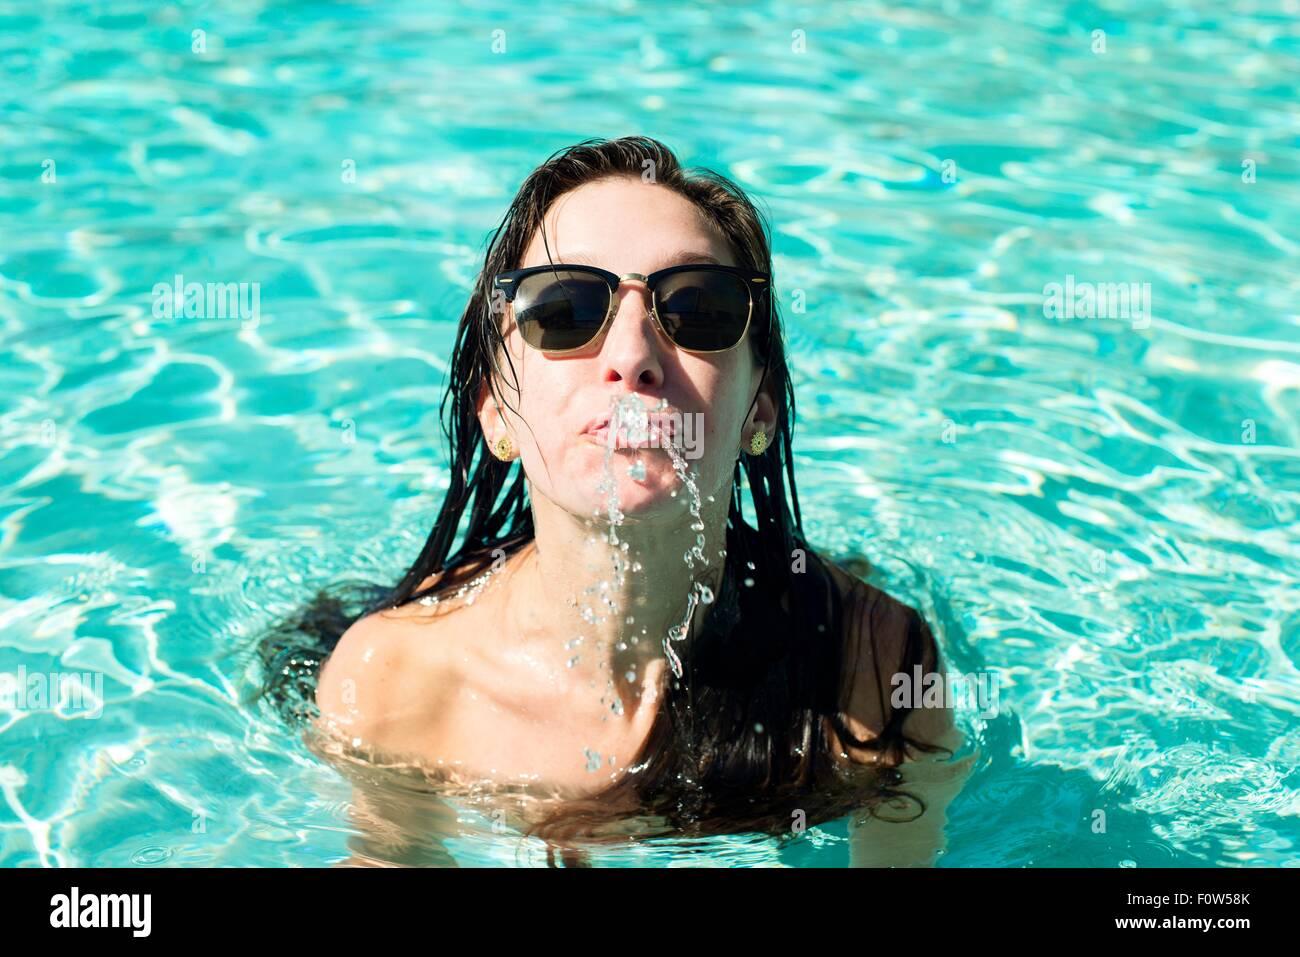 Ritratto di giovane donna in piscina schizzare acqua dalla bocca Immagini Stock